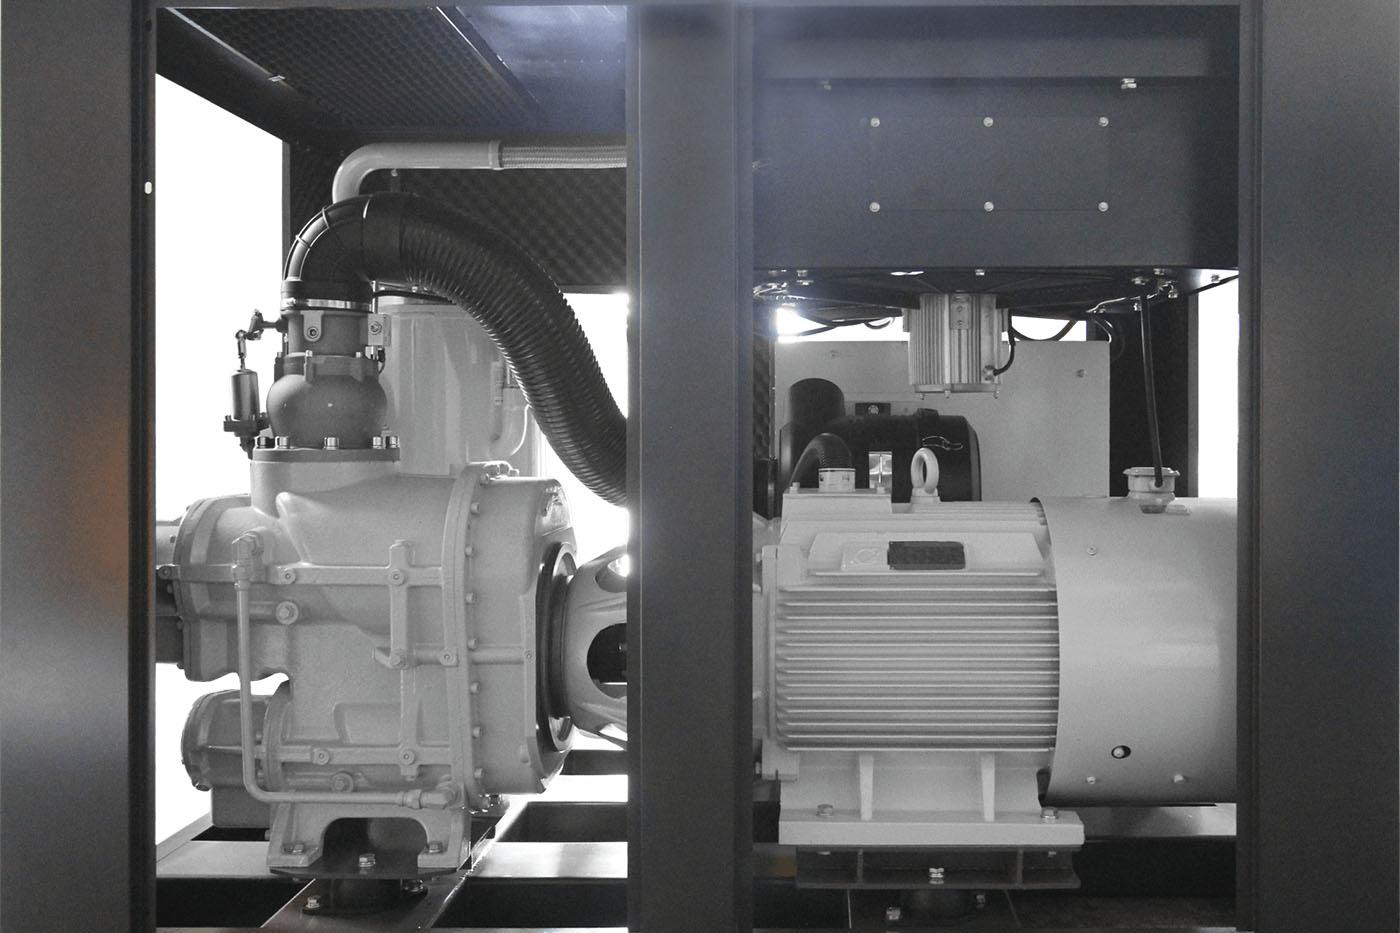 Máy nén khí TLC Compressor 100Hp Biến Tần – Vĩnh Từ